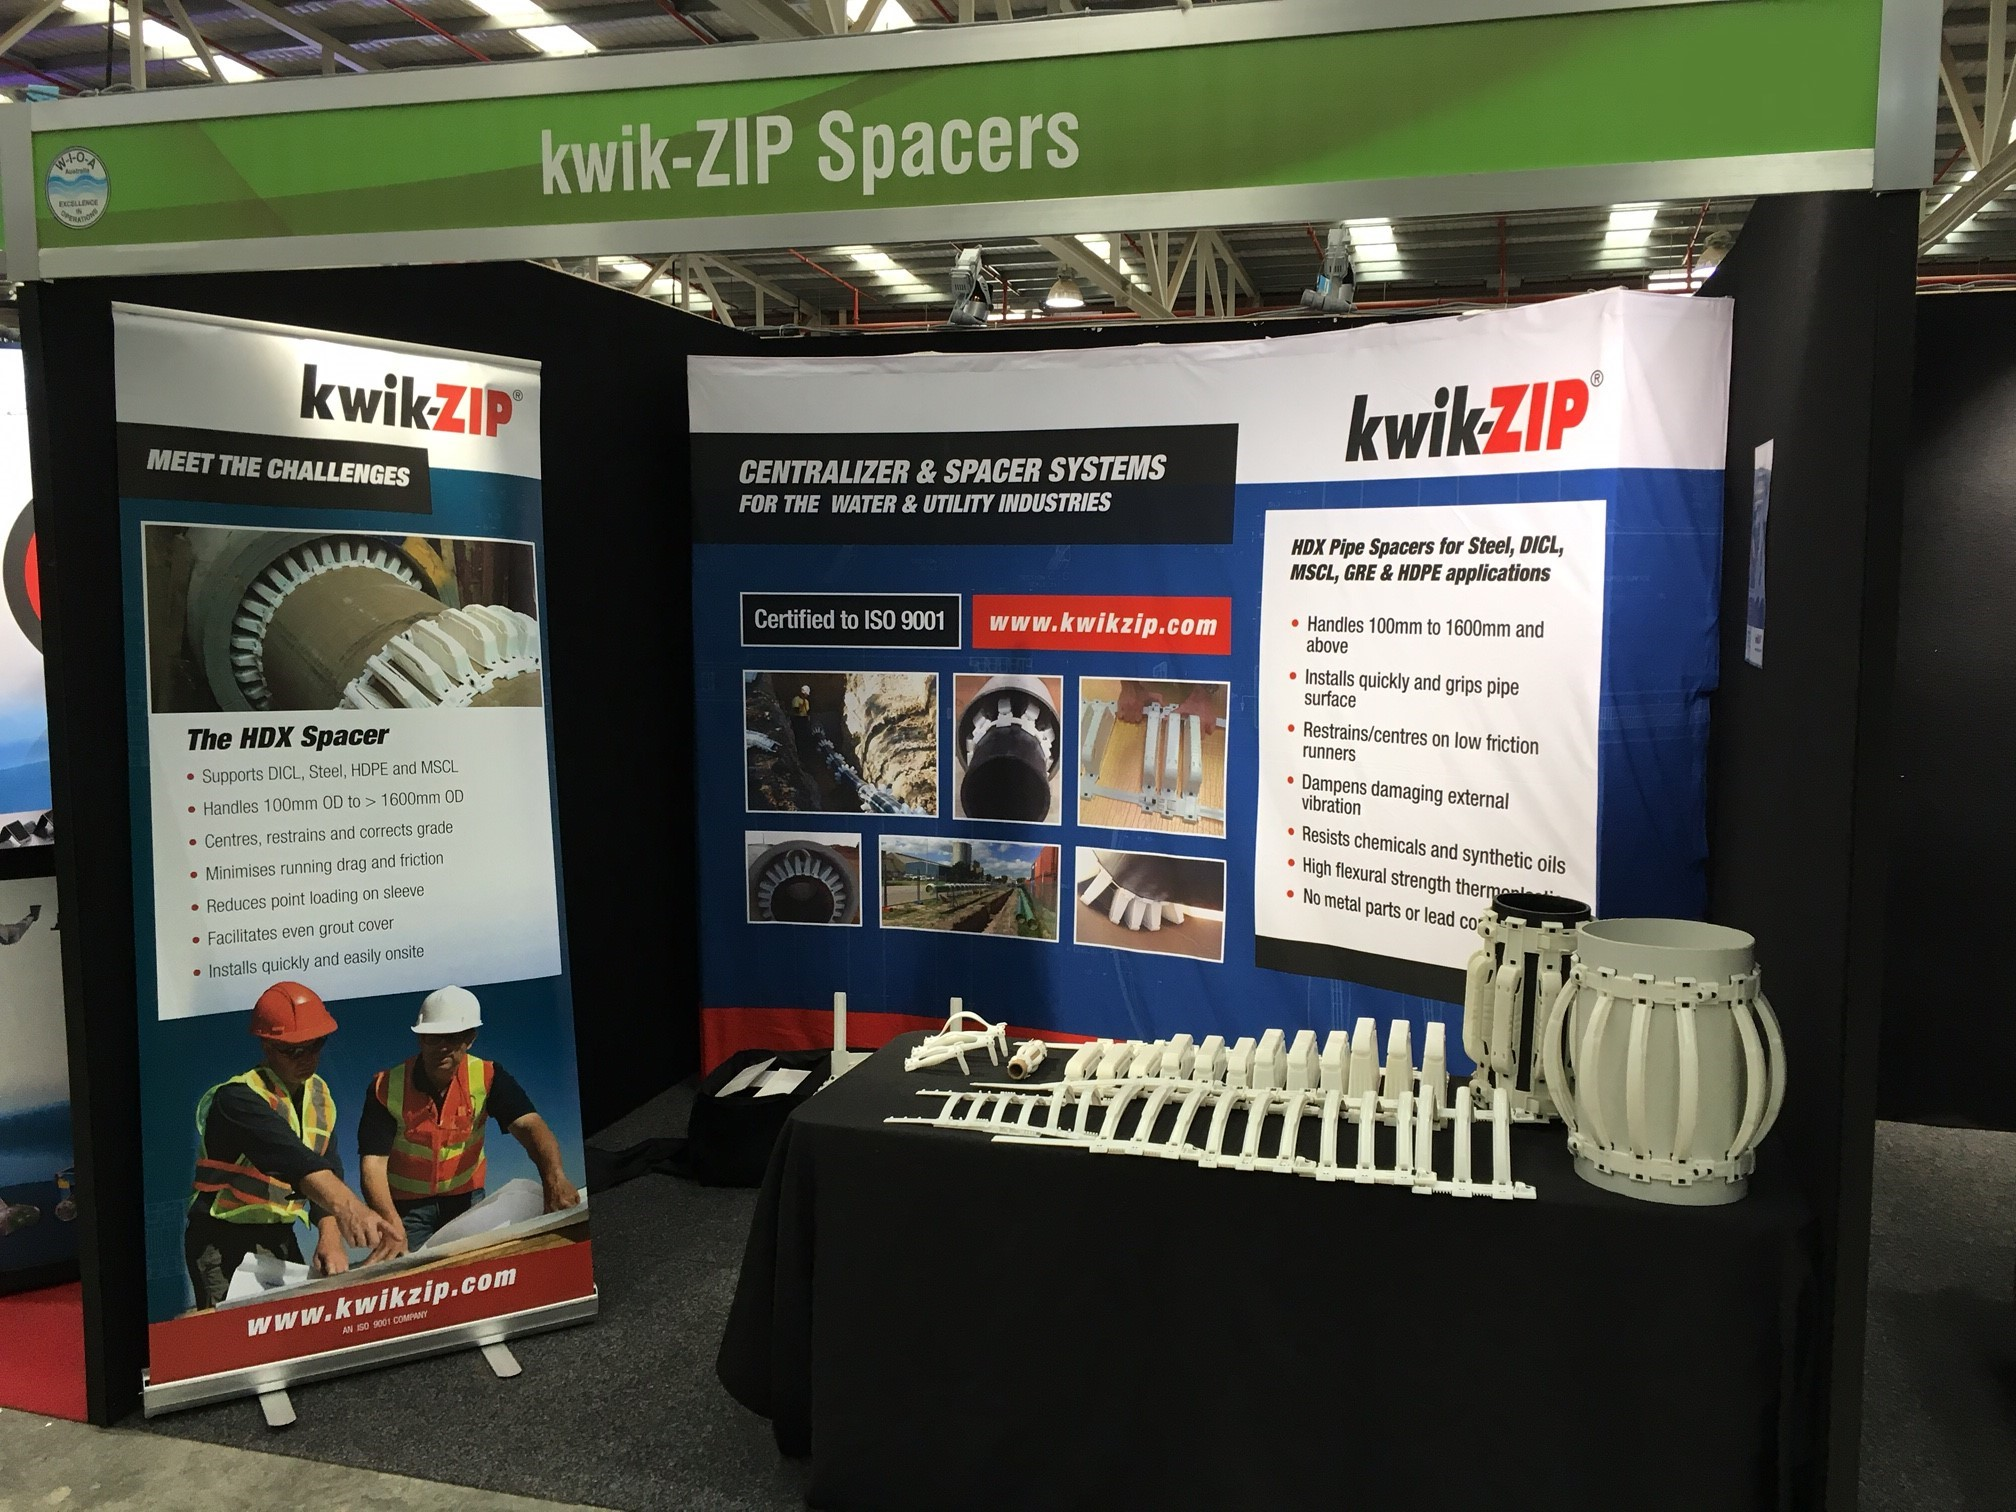 Kwik-ZIP to exhibit at WIOA